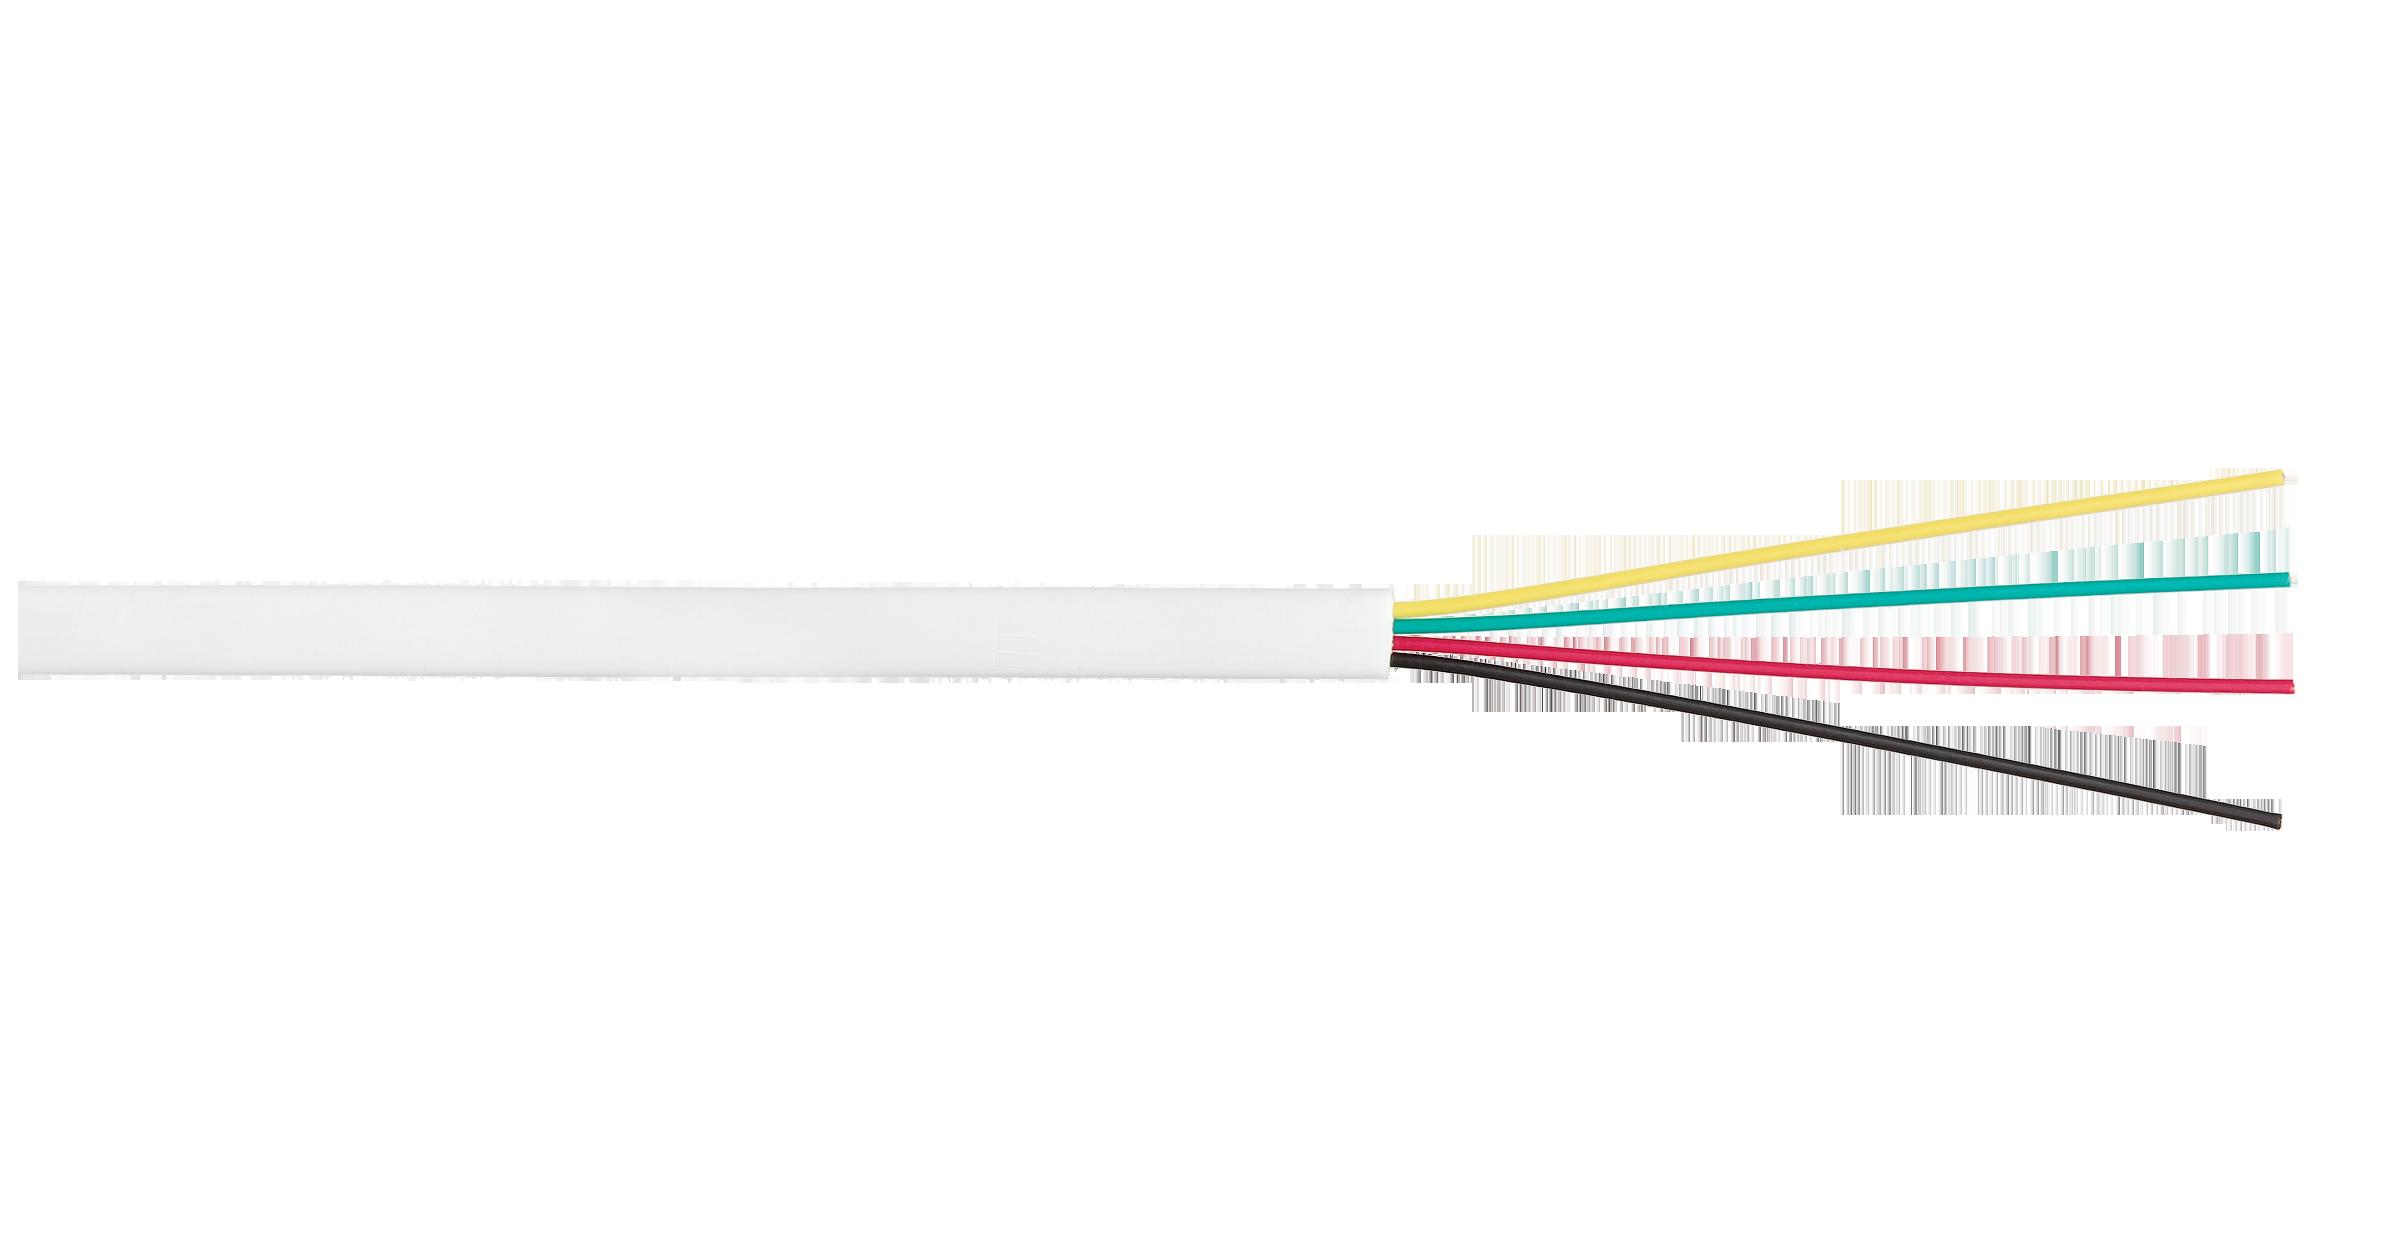 Кабель NIKOLAN телефонный, плоский, 4 многожильных проводника, BC (чистая медь), 26AWG (7х0,16мм), внутренний, PVC, белый, 100м - гарантия: 1 год